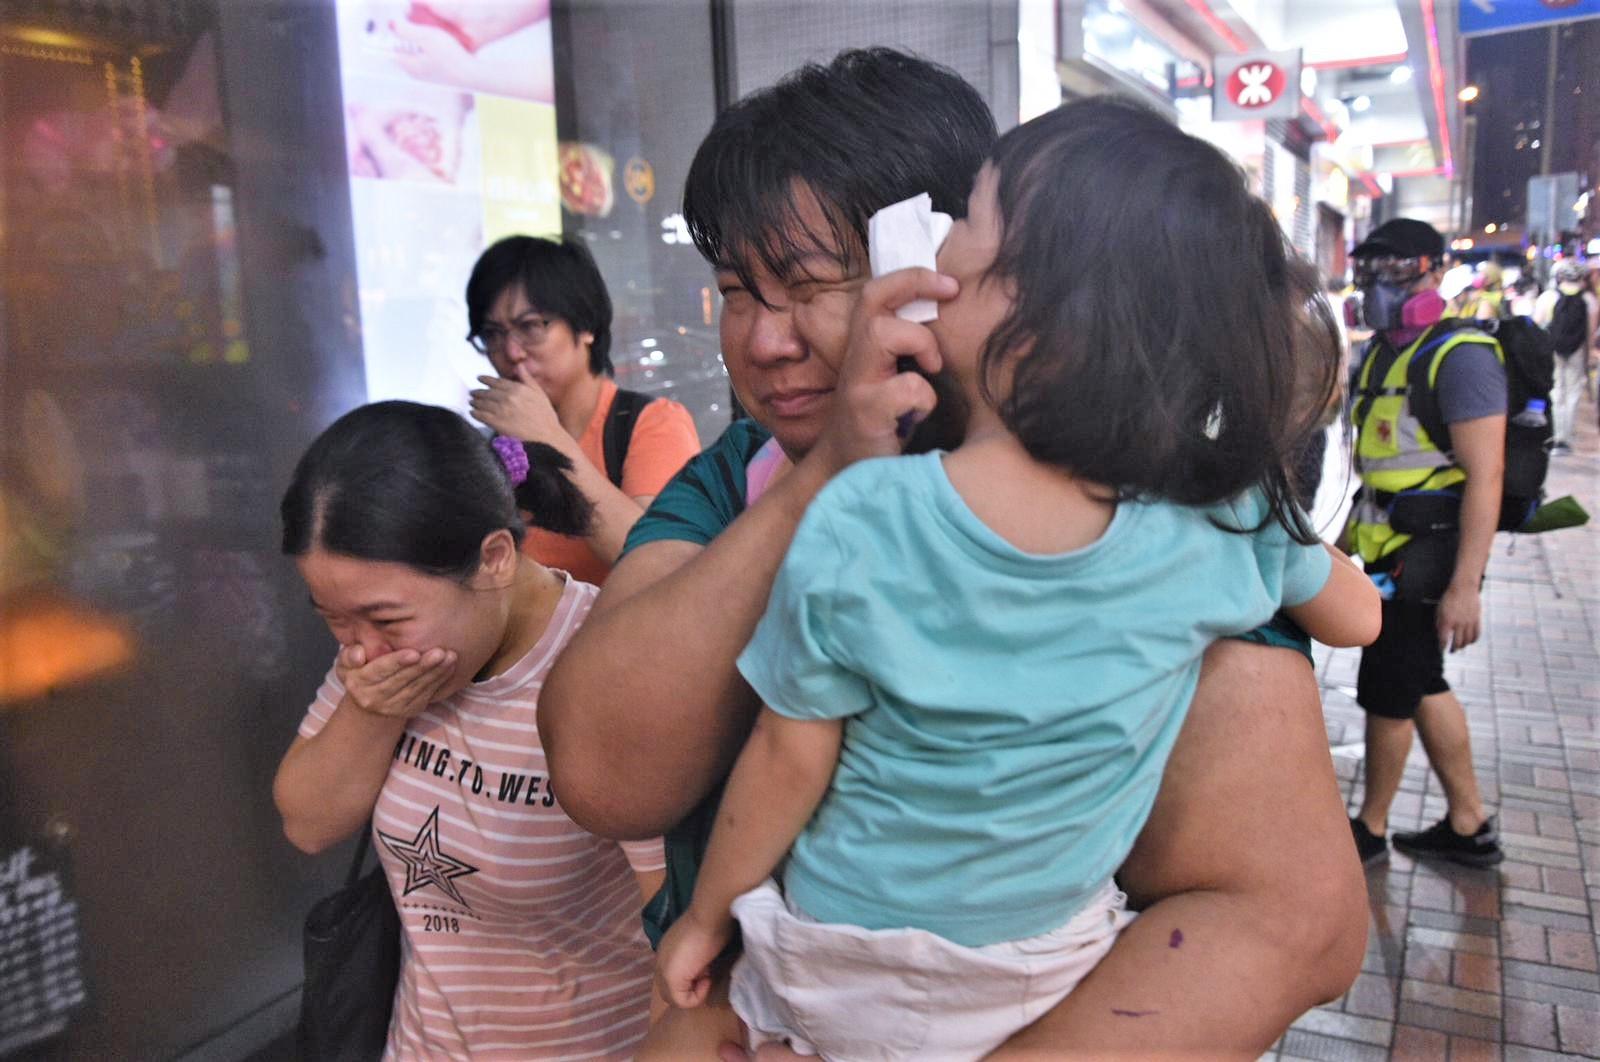 【修例风波】医管局指截至昨晚9时半 10人受伤送院